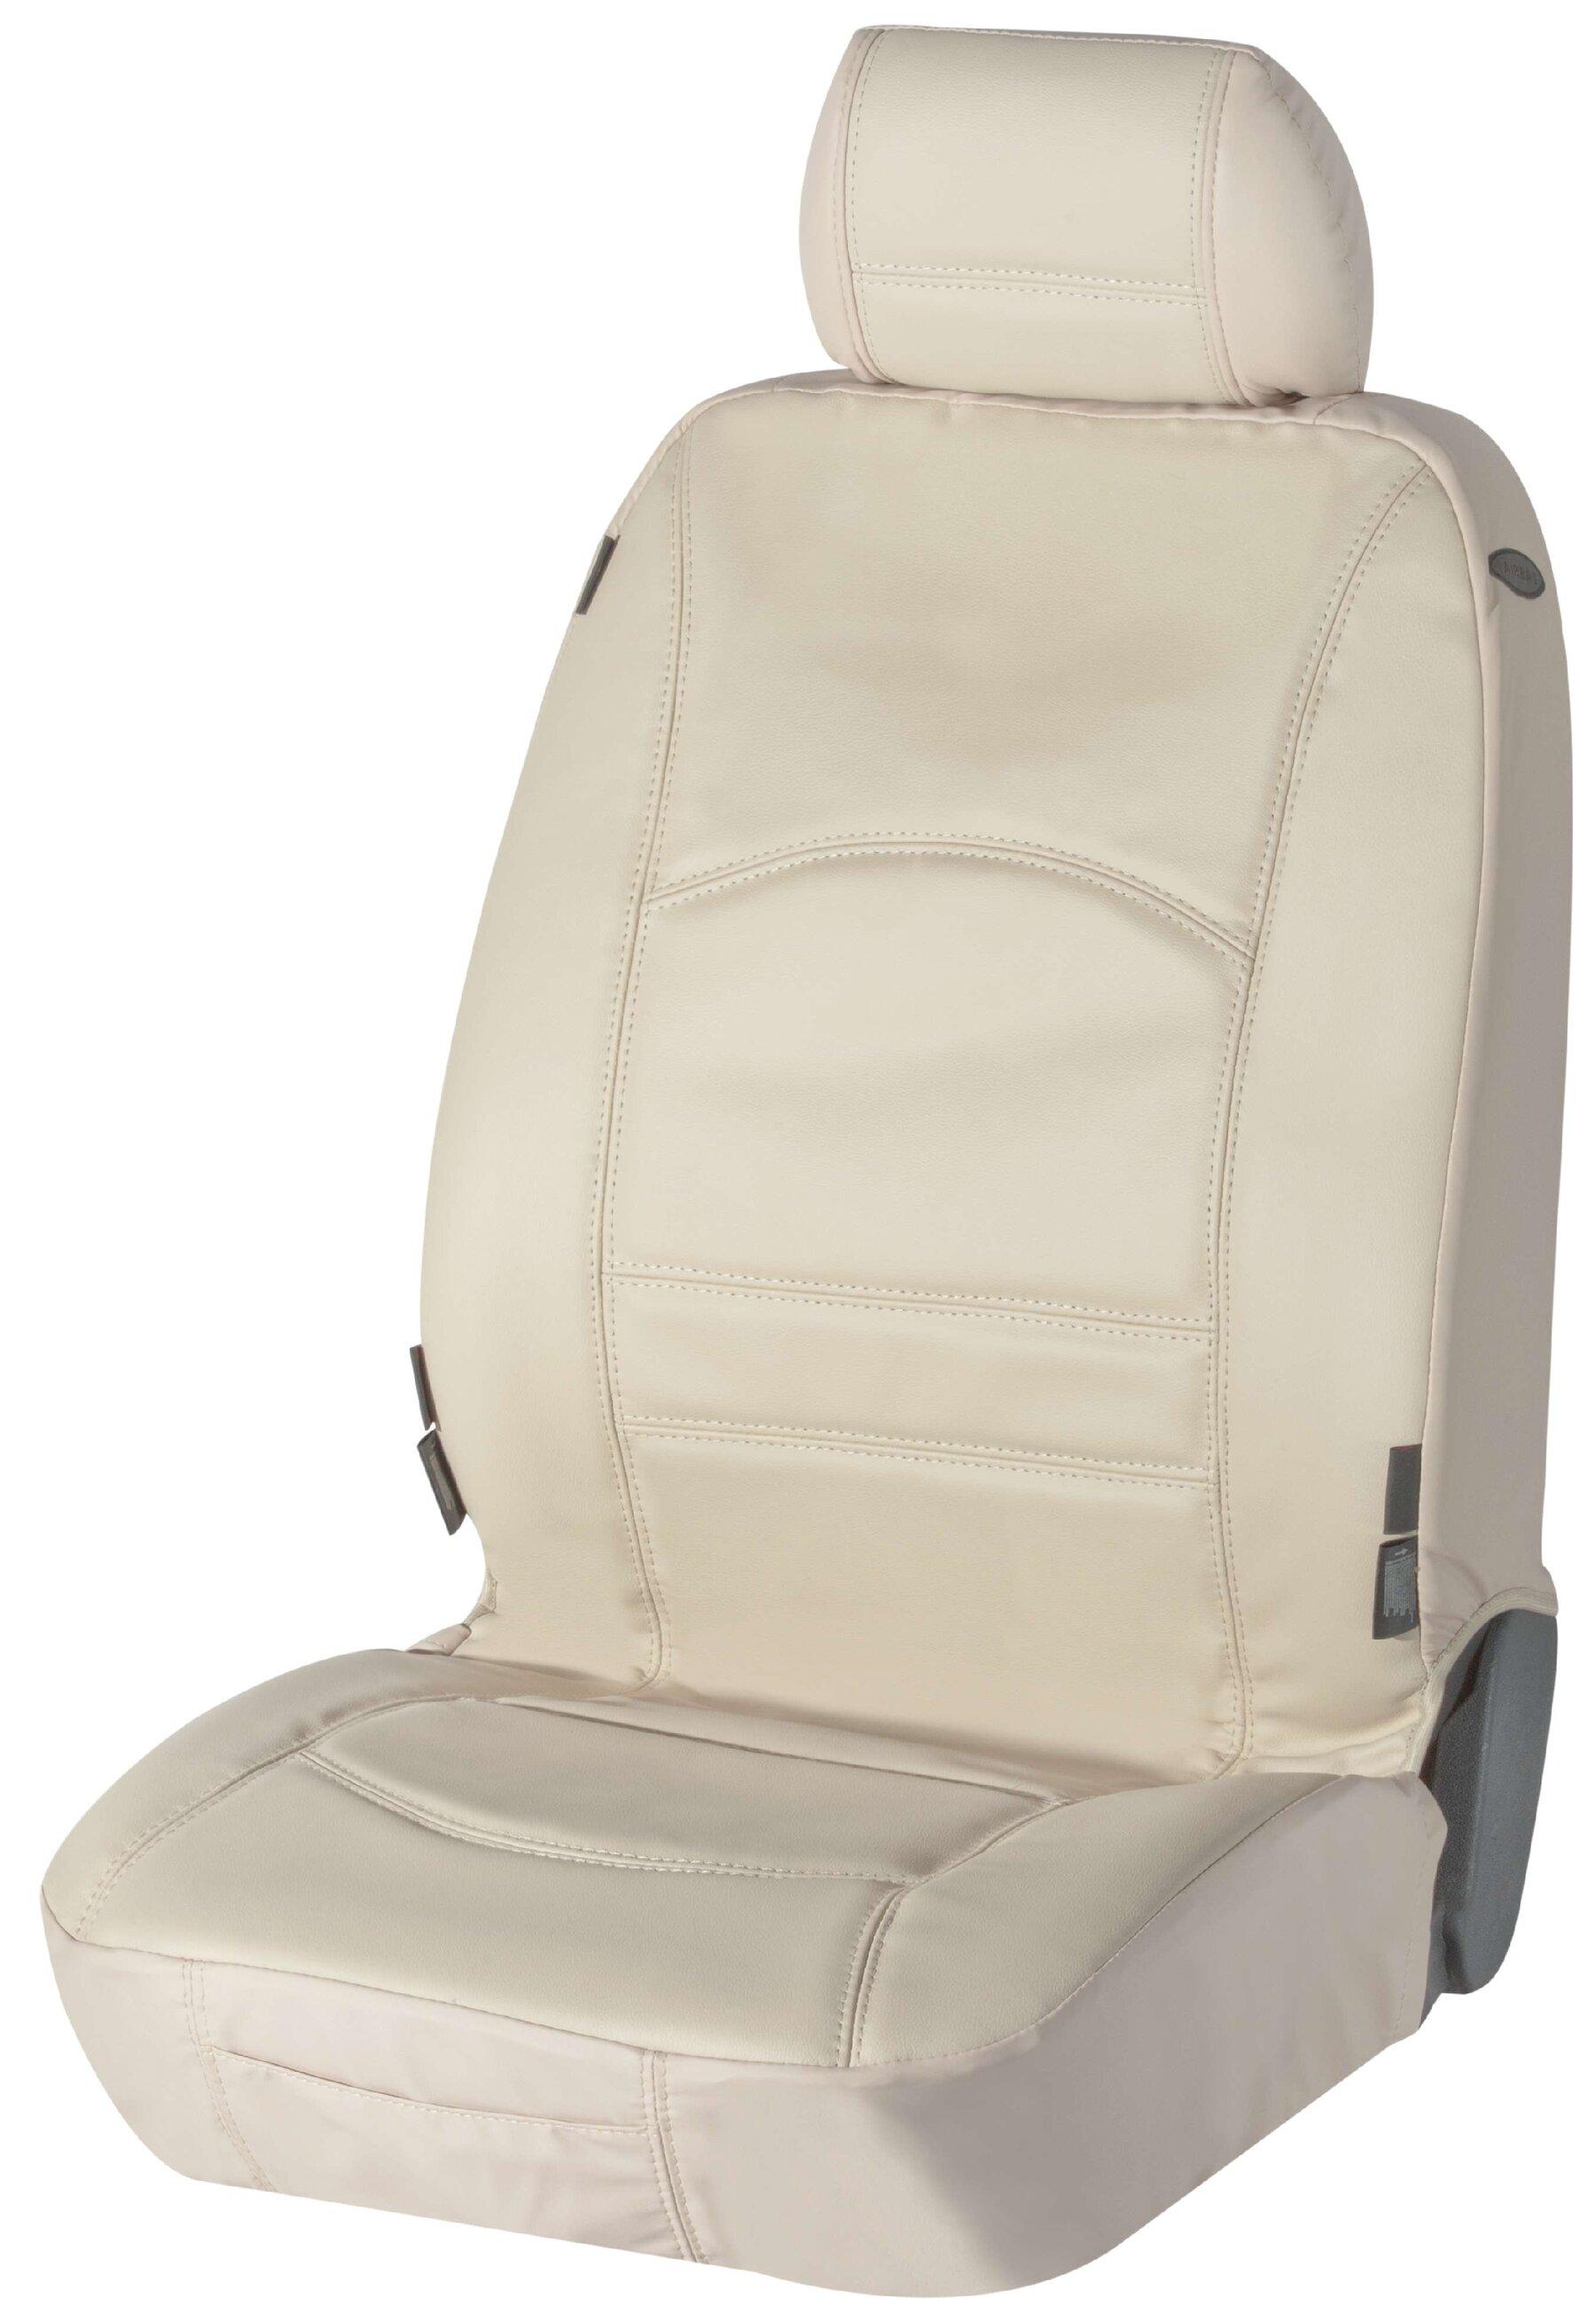 Sitzbezüge dunkel grau hinten KOS BMW X3